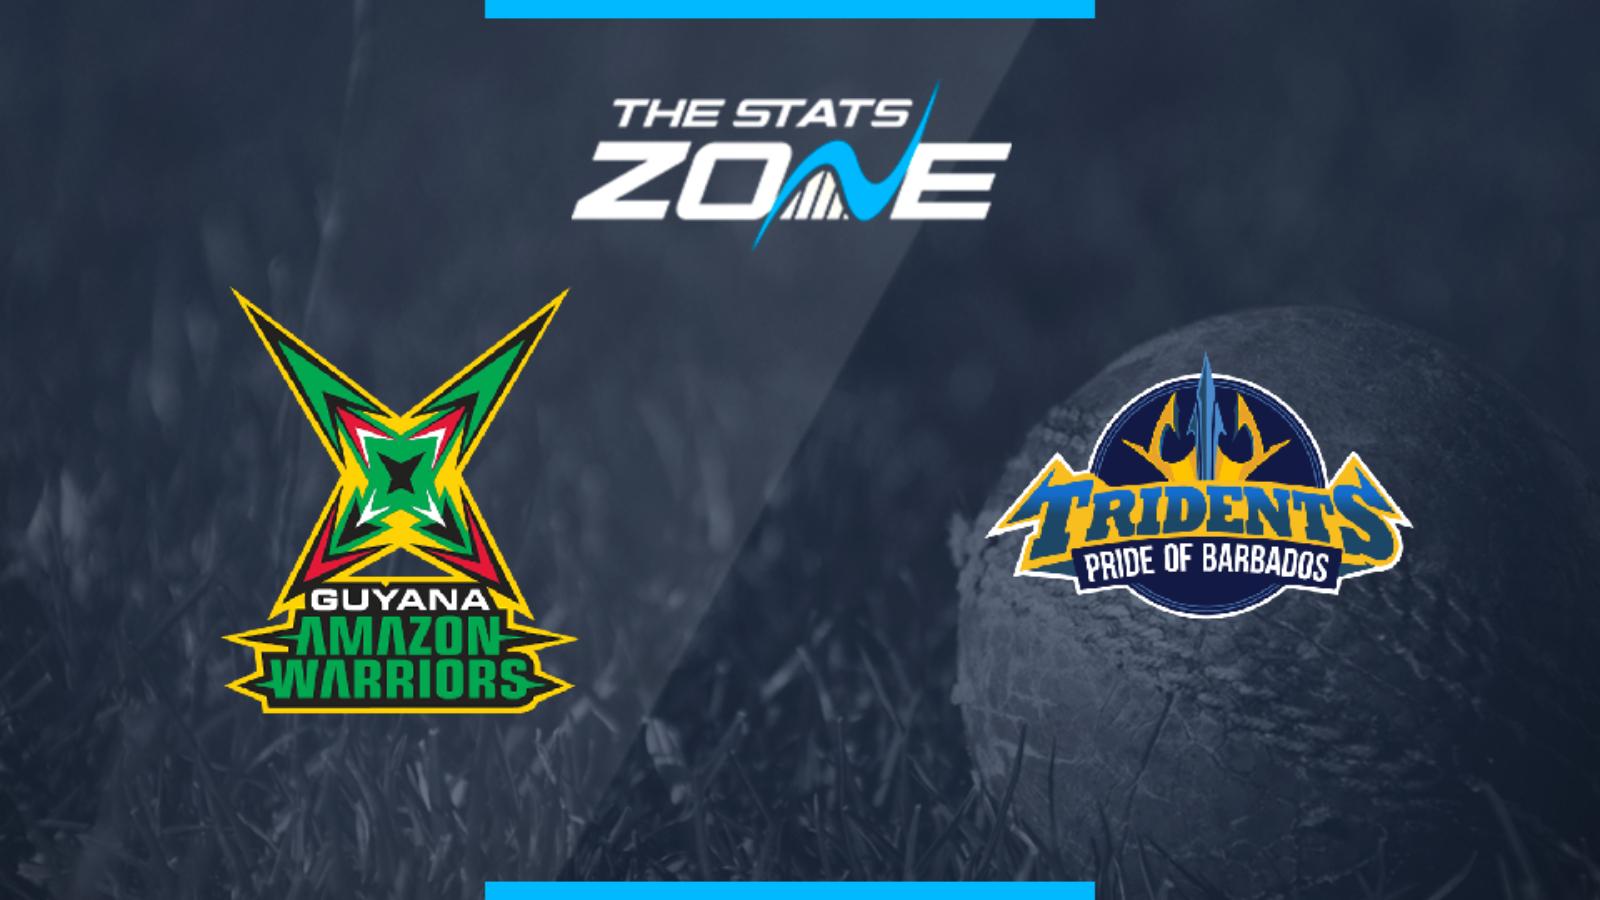 Amazon Warriors Fotos caribbean premier league 2019 qualifier 1 – guyana amazon